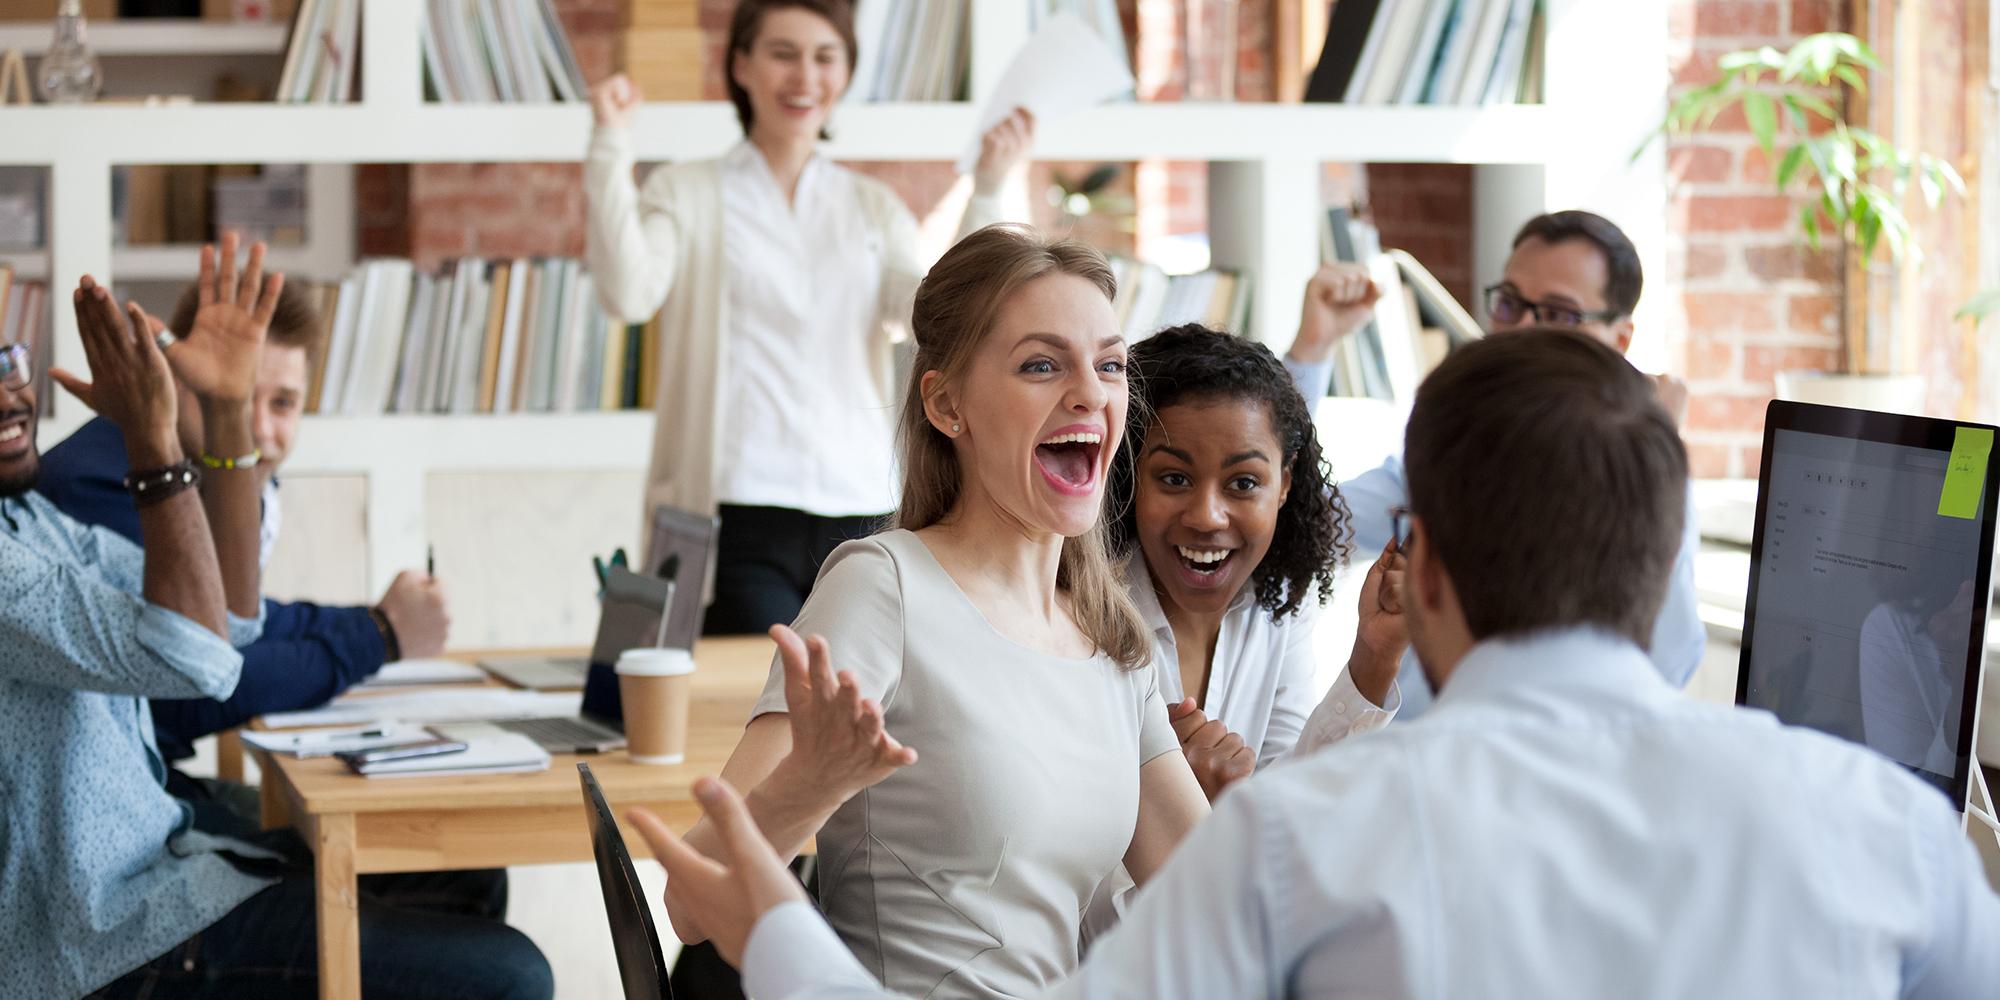 Blog post CA 2021 q3 workplace award